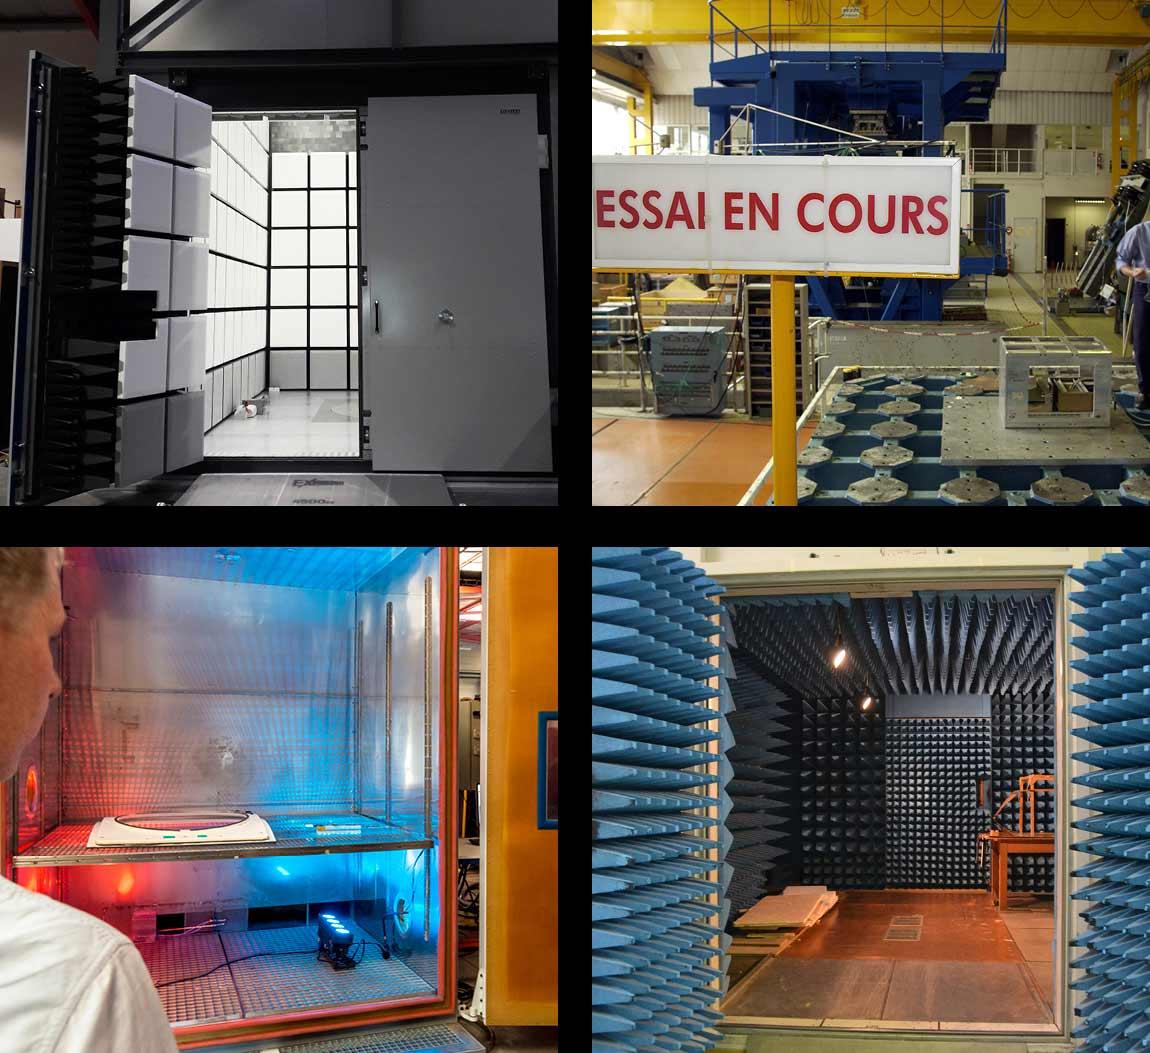 4 équipements : une enceinte CEM, une table sismique, une enceinte climatique et une enceinte CEM